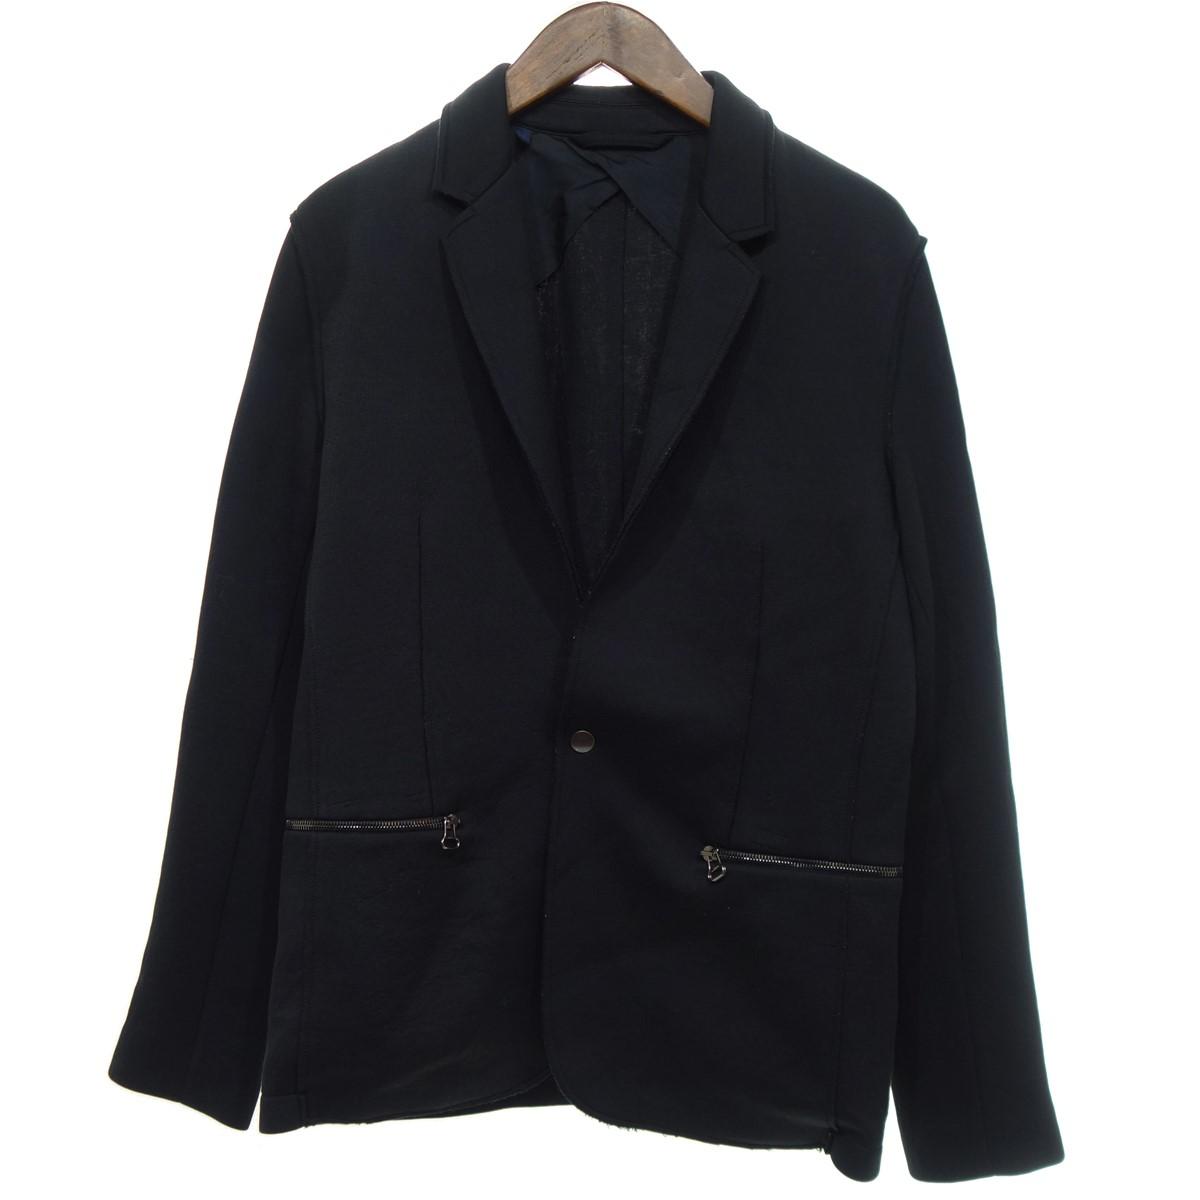 【中古】LANVIN Lanvin Zipped Pocket Blazer ジャケット ブラック サイズ:46 【250120】(ランバン)